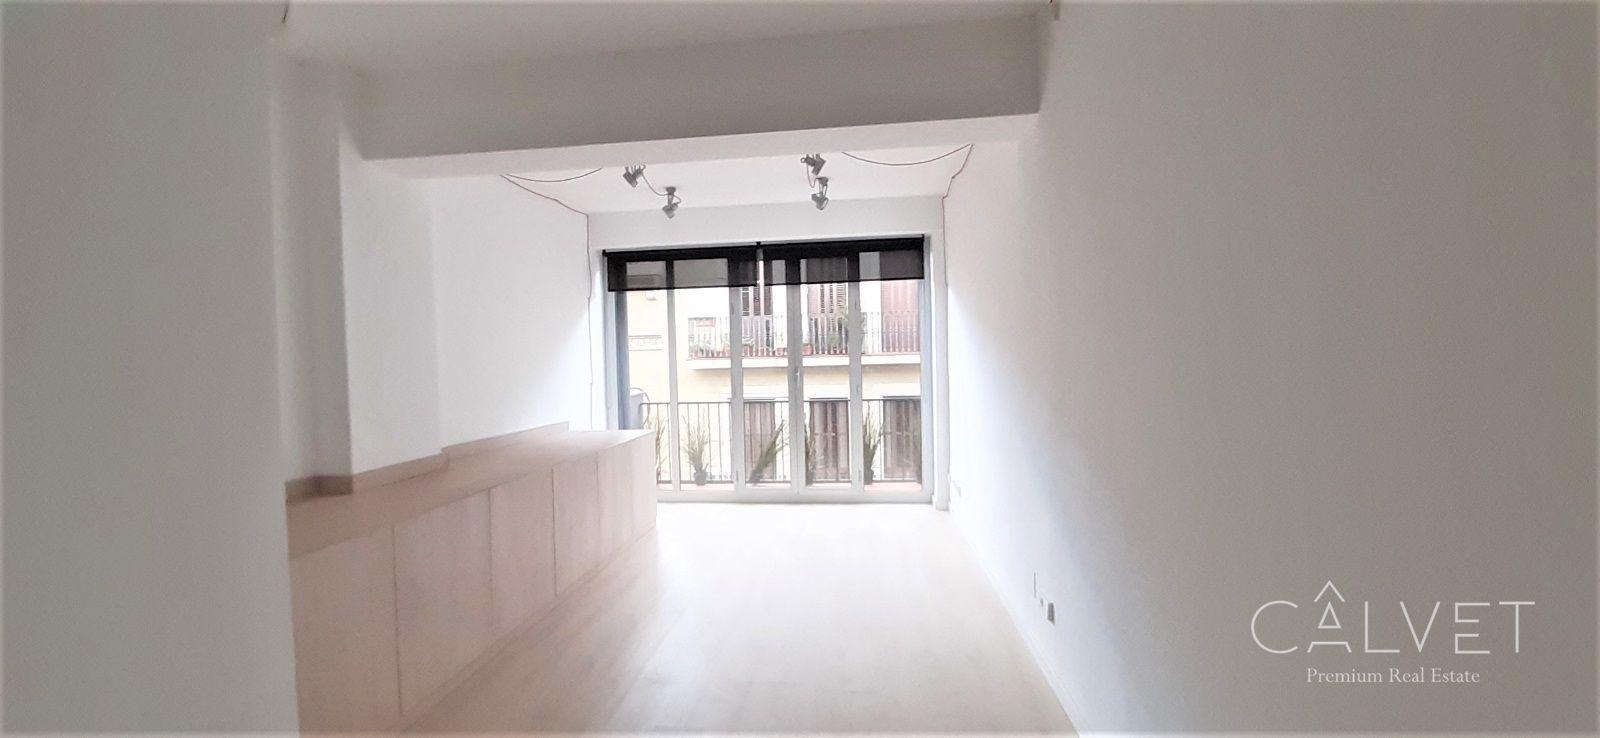 Alquiler Oficina  Via augusta. Oficina en alquiler en barcelona, con 25 m2 y 1 aseos.